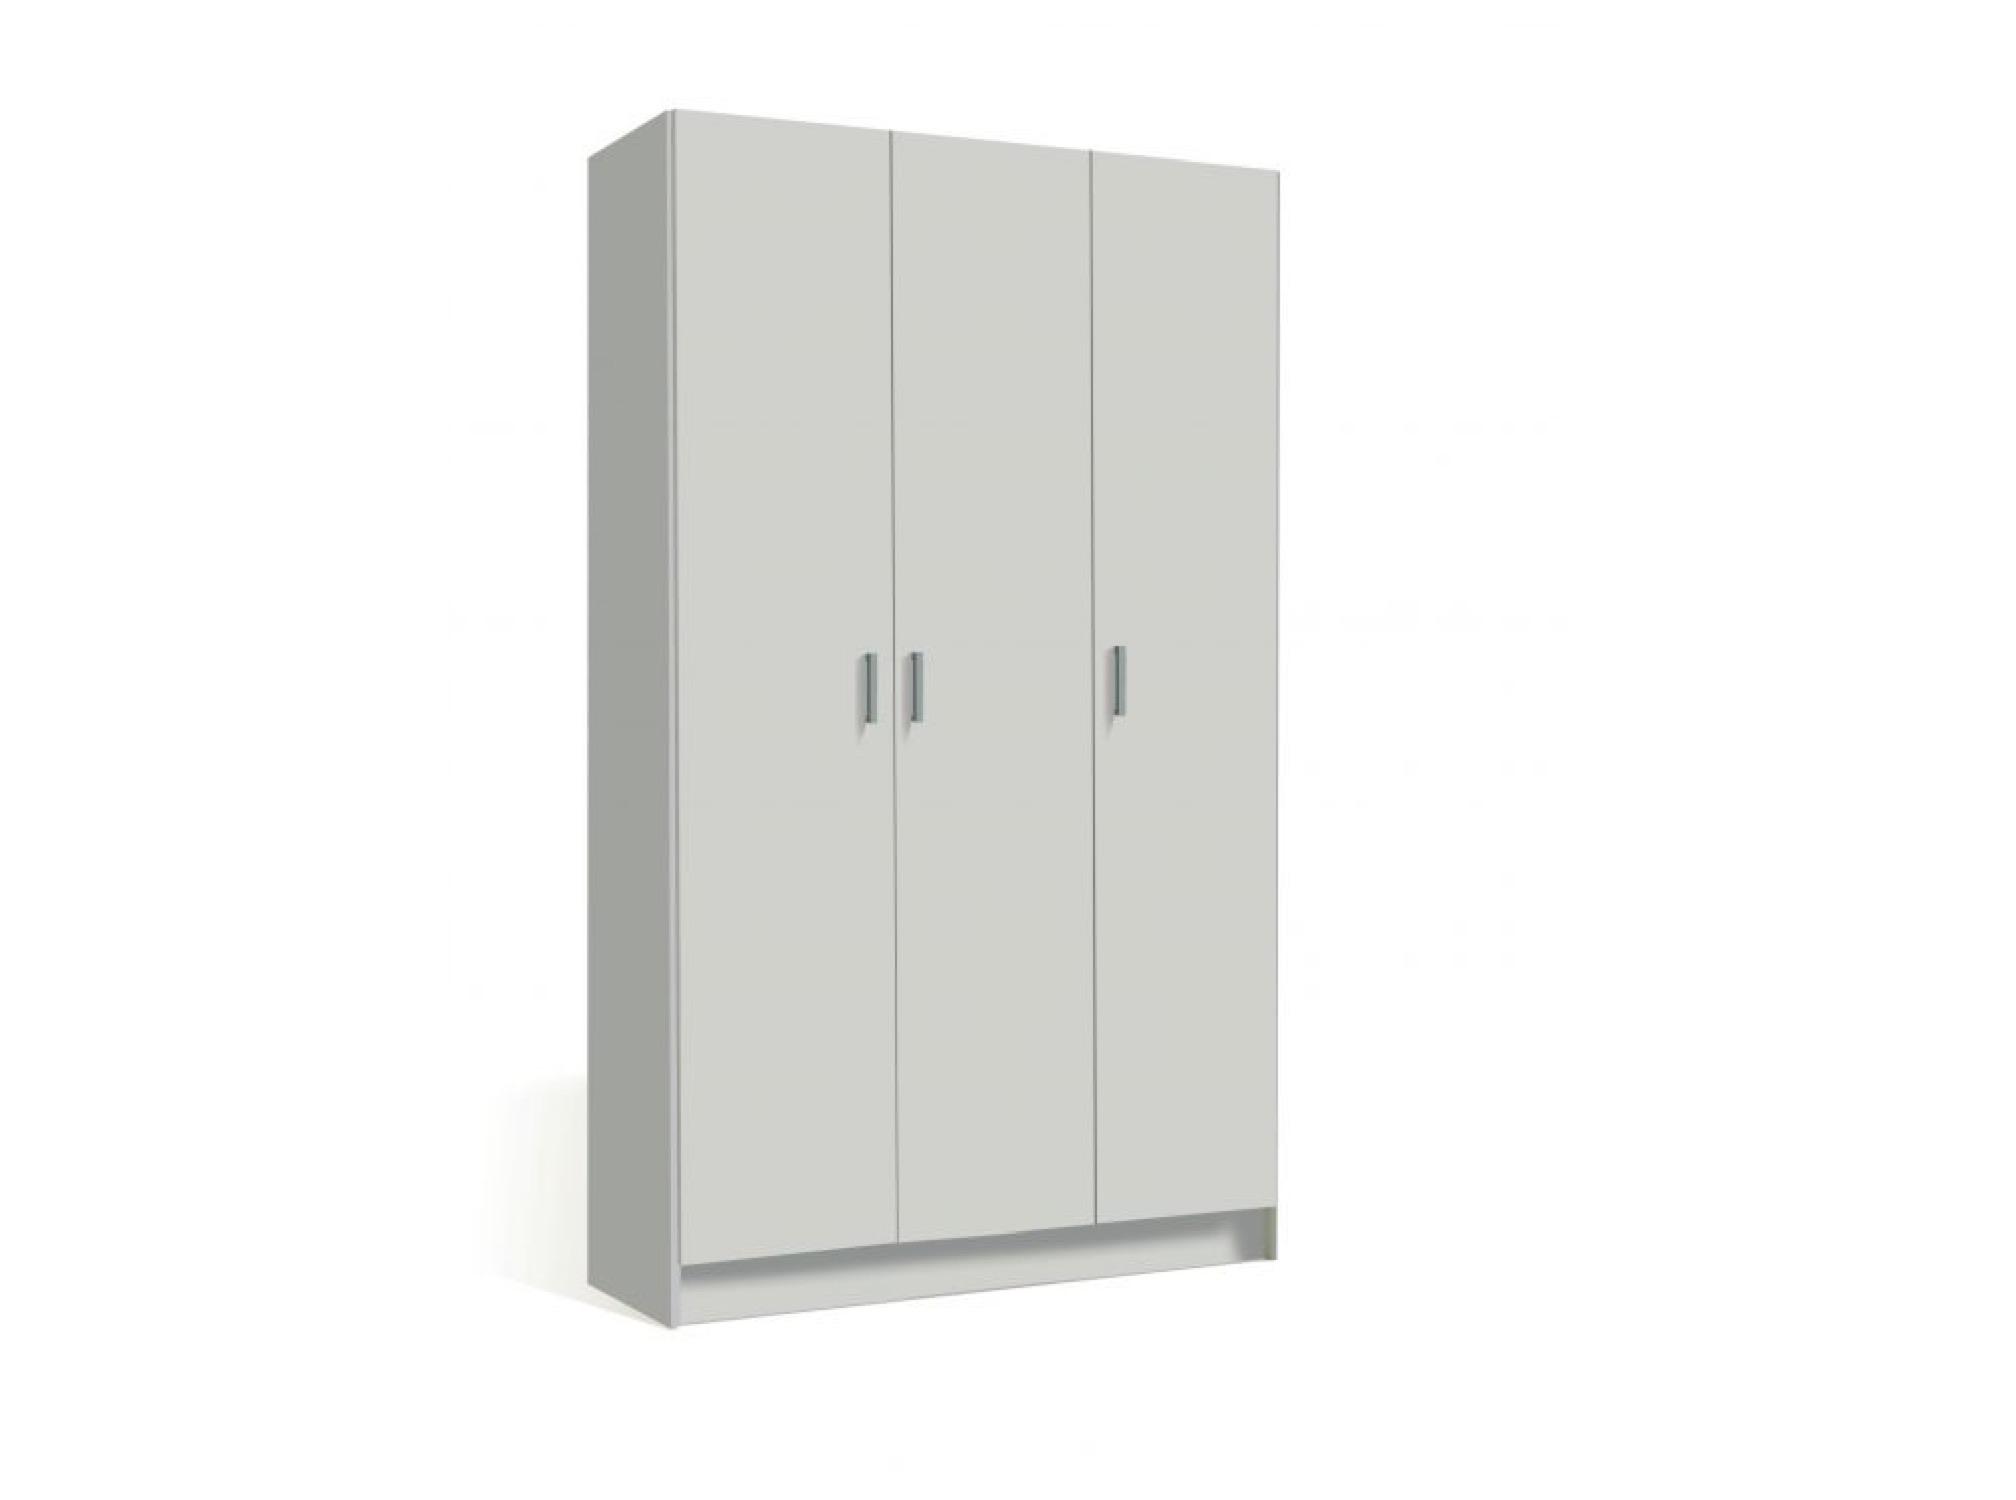 Armoire blanche 3 portes L108,8cm x H180cm